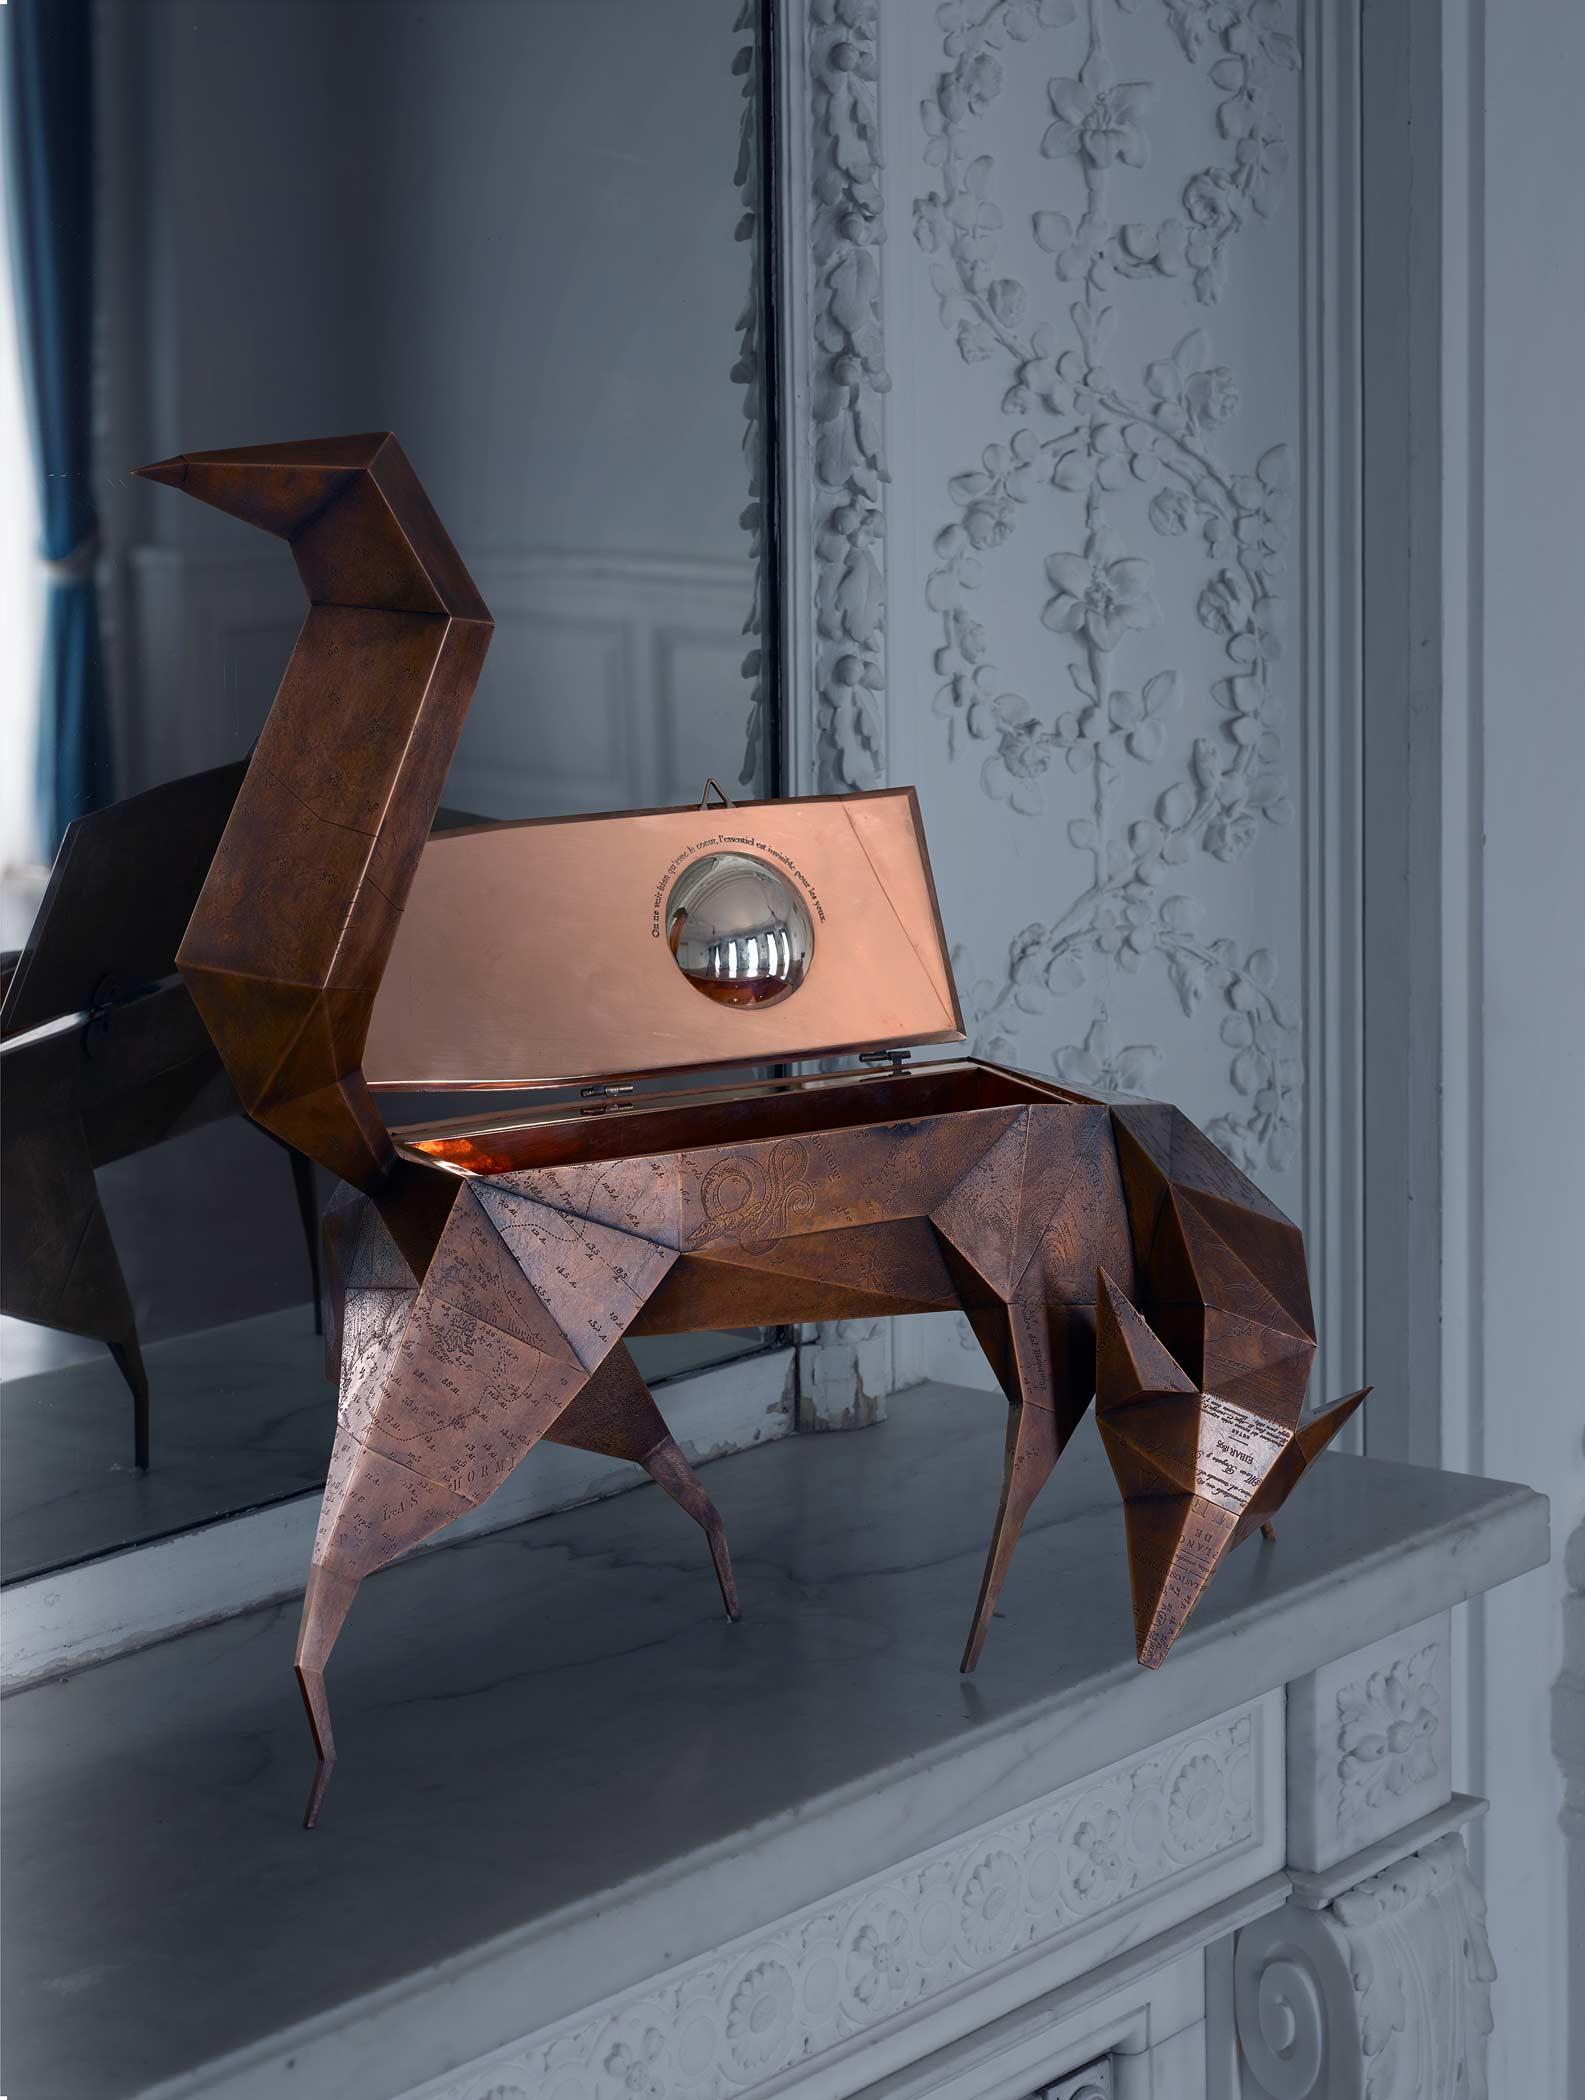 VULPES. Zorro joyero del diseñador Santos Bregaña para la firma NUMENA. Fabricado en Alfa Arte